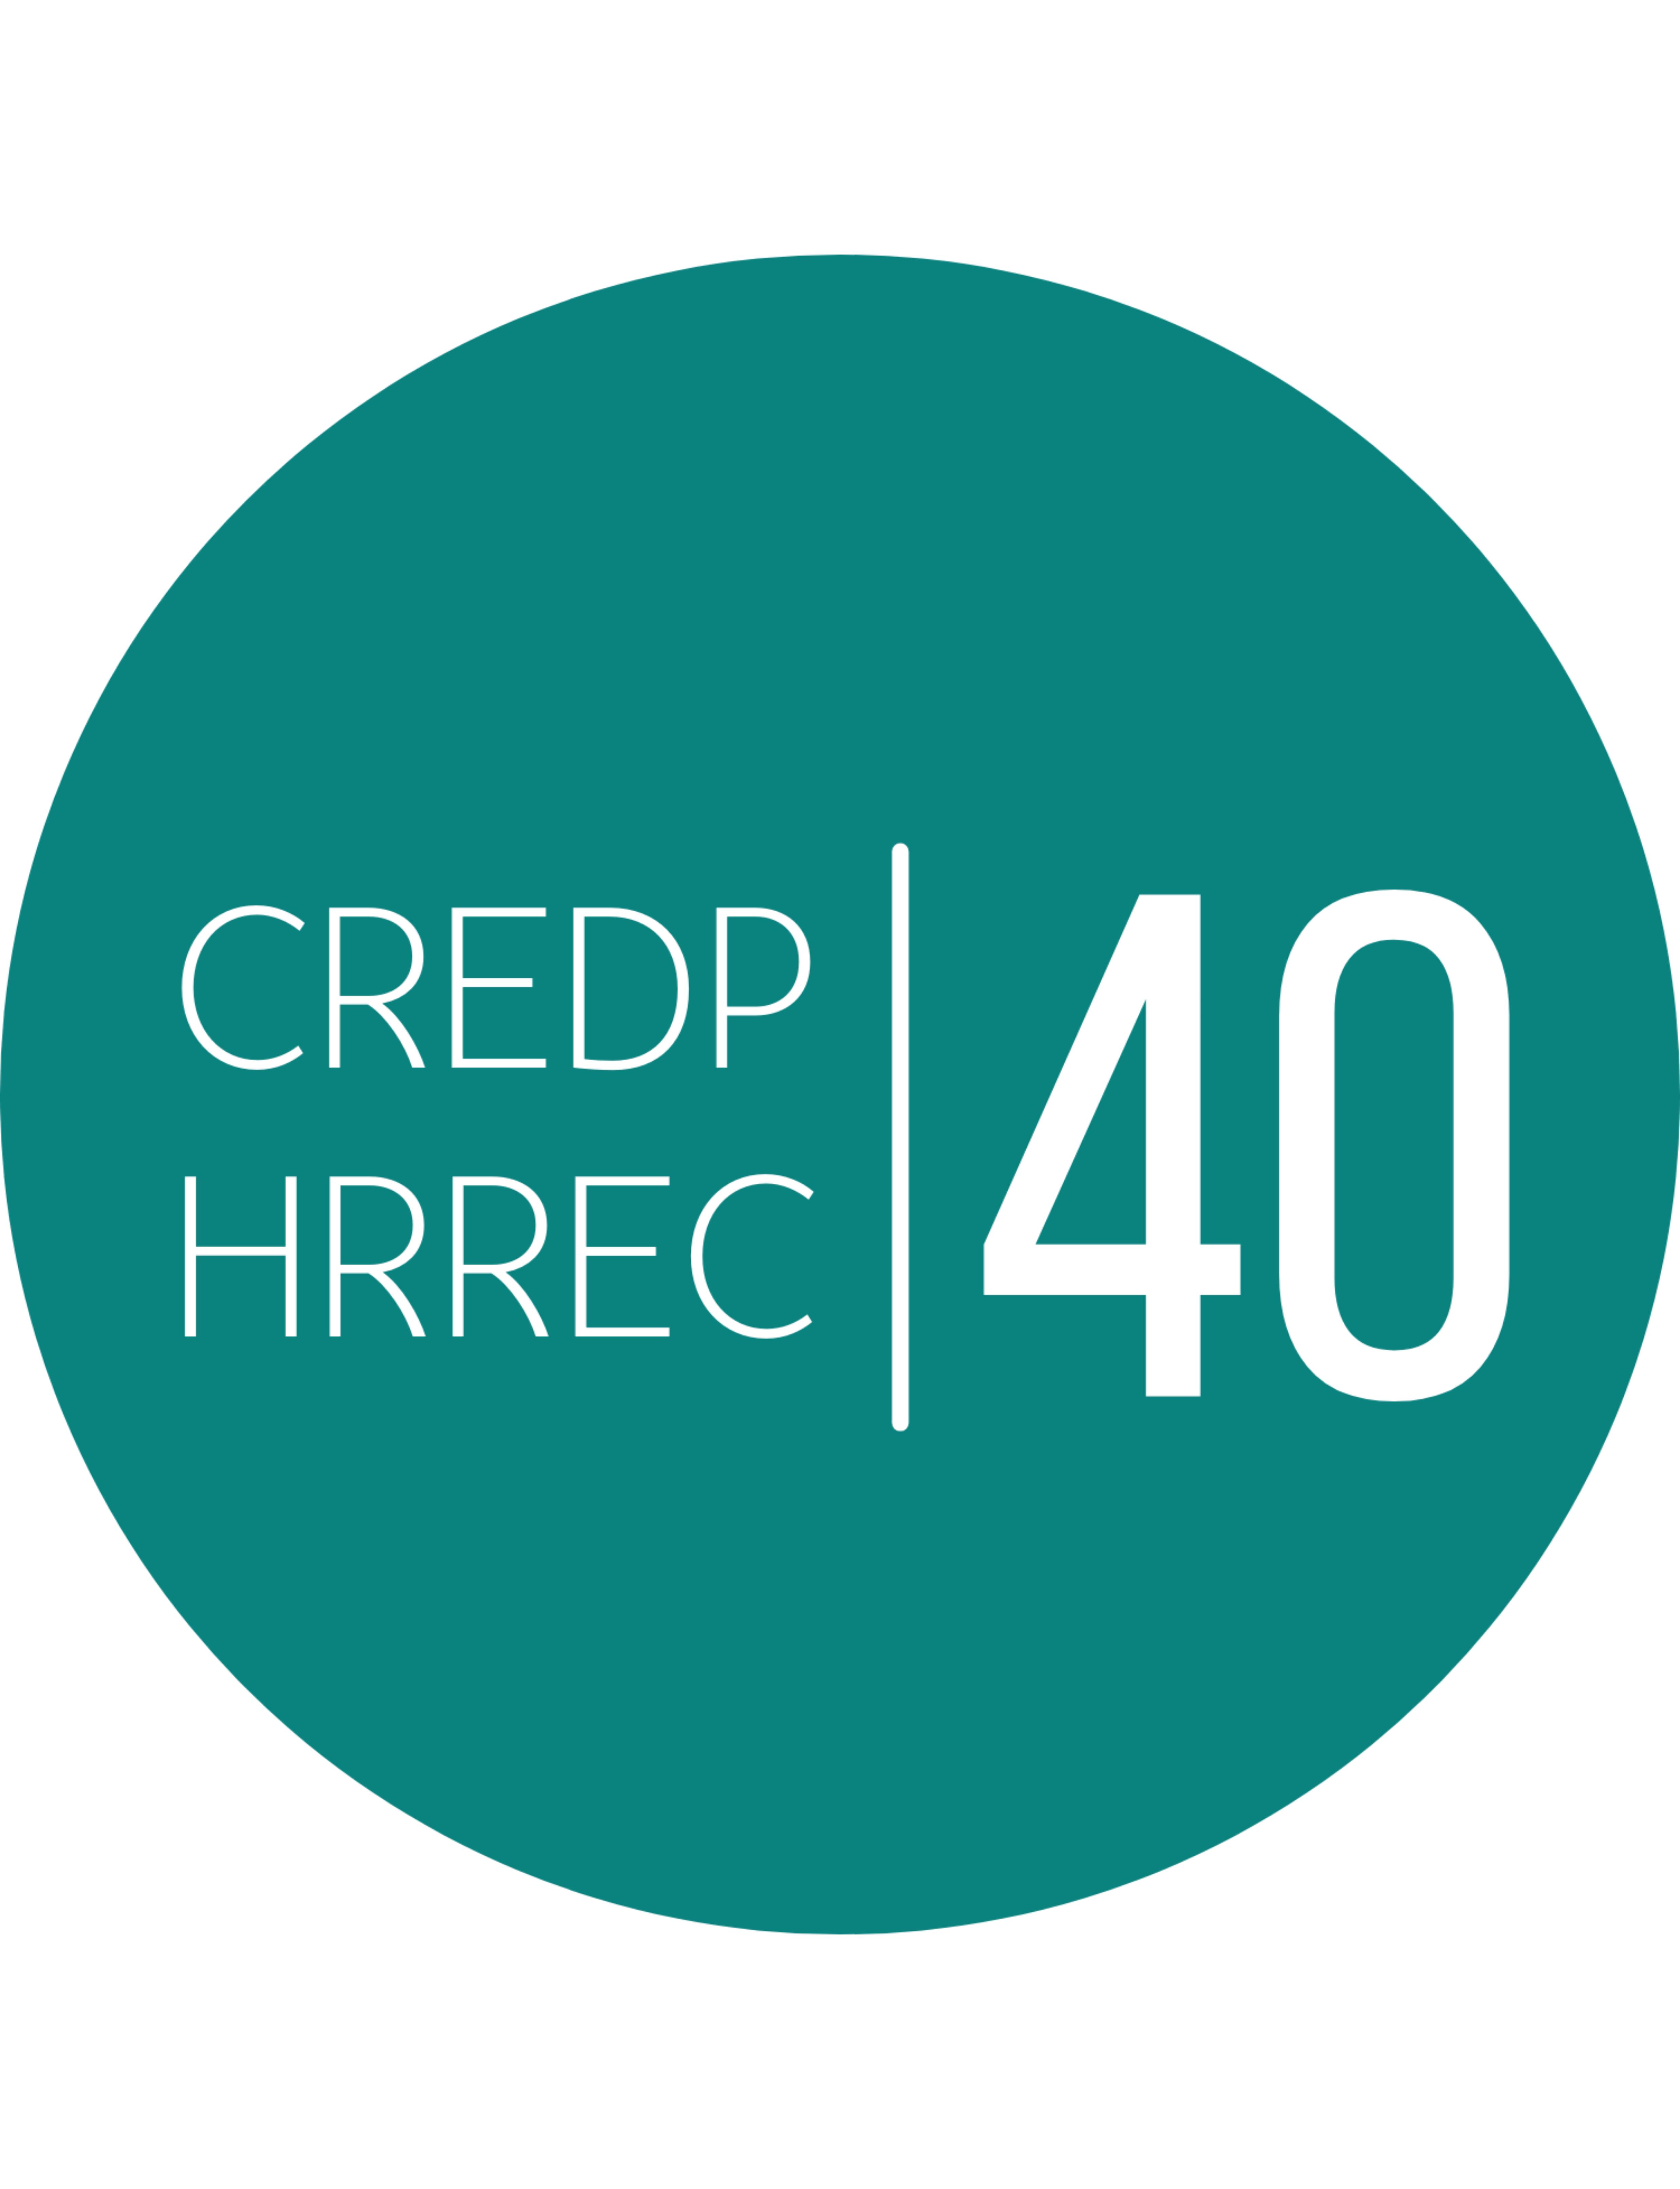 Logo rond sarcelle du CREDP qui a 40 ans en 2021-2022